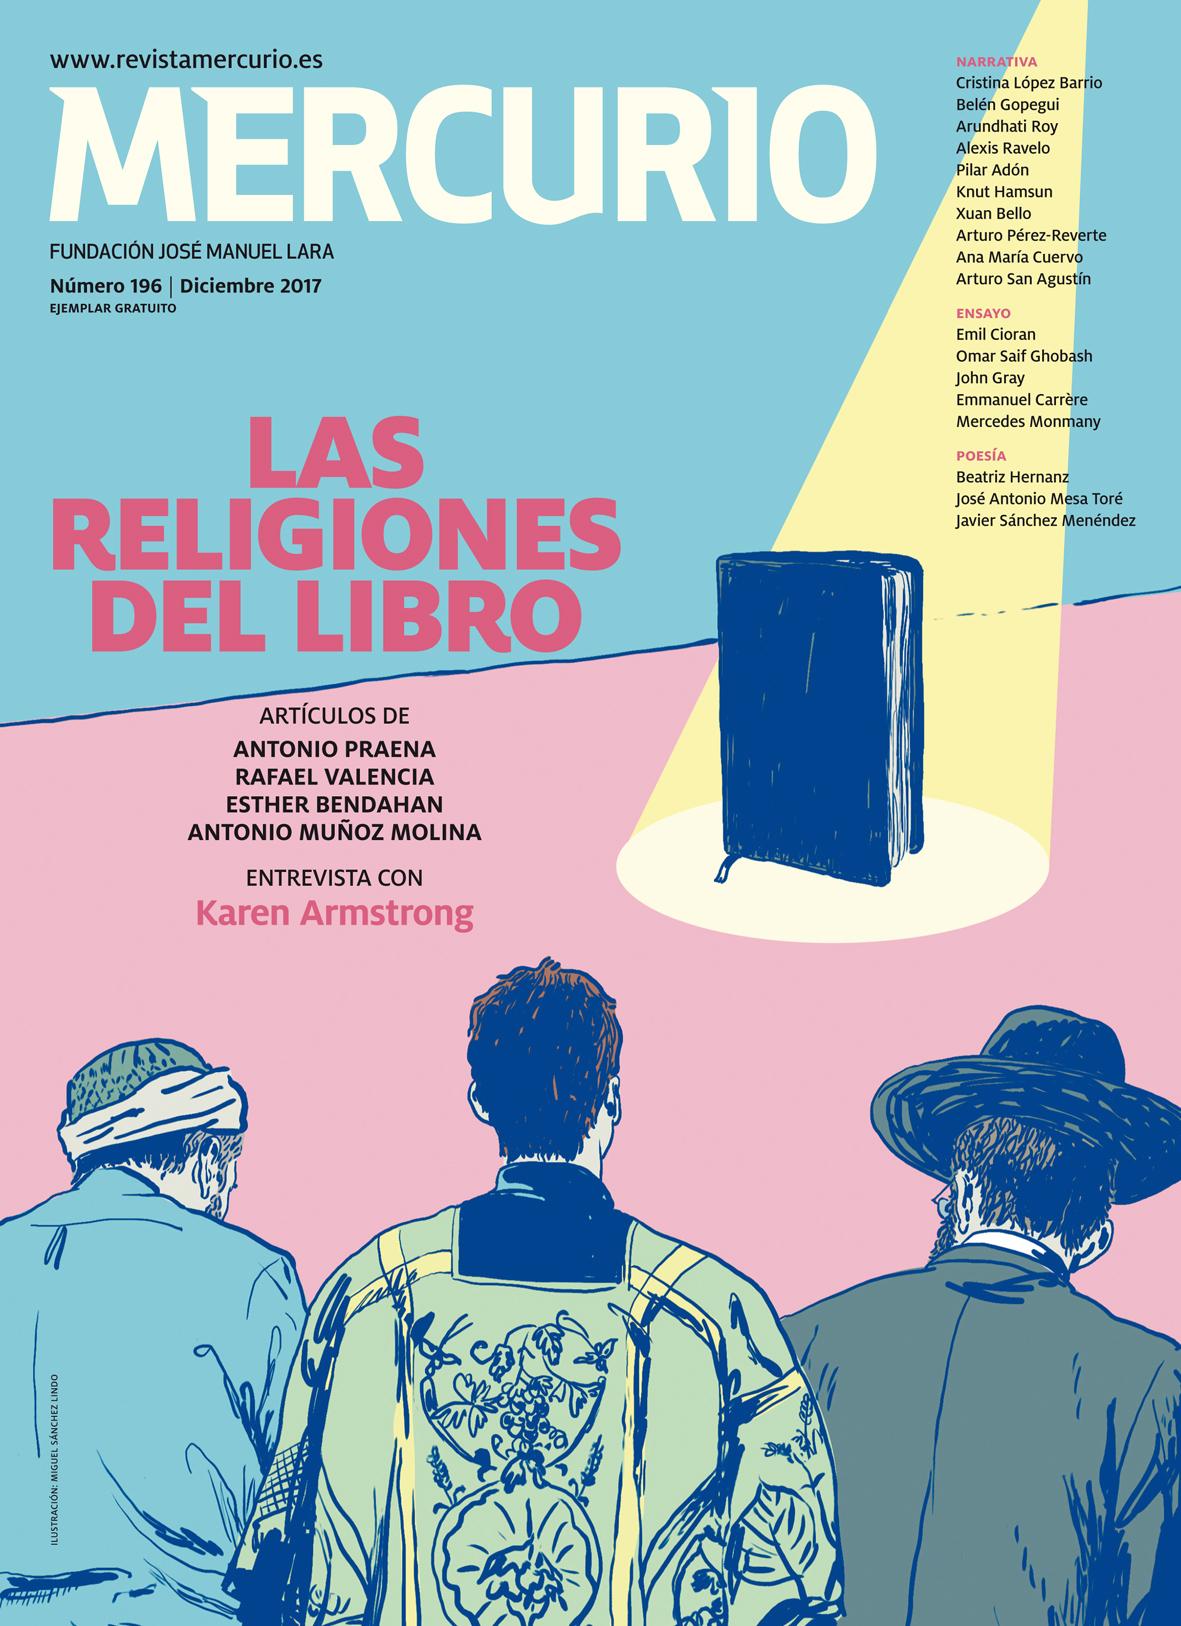 Mercurio 196. Diciembre 2017. Ilustración: Miguel Sánchez Lindo